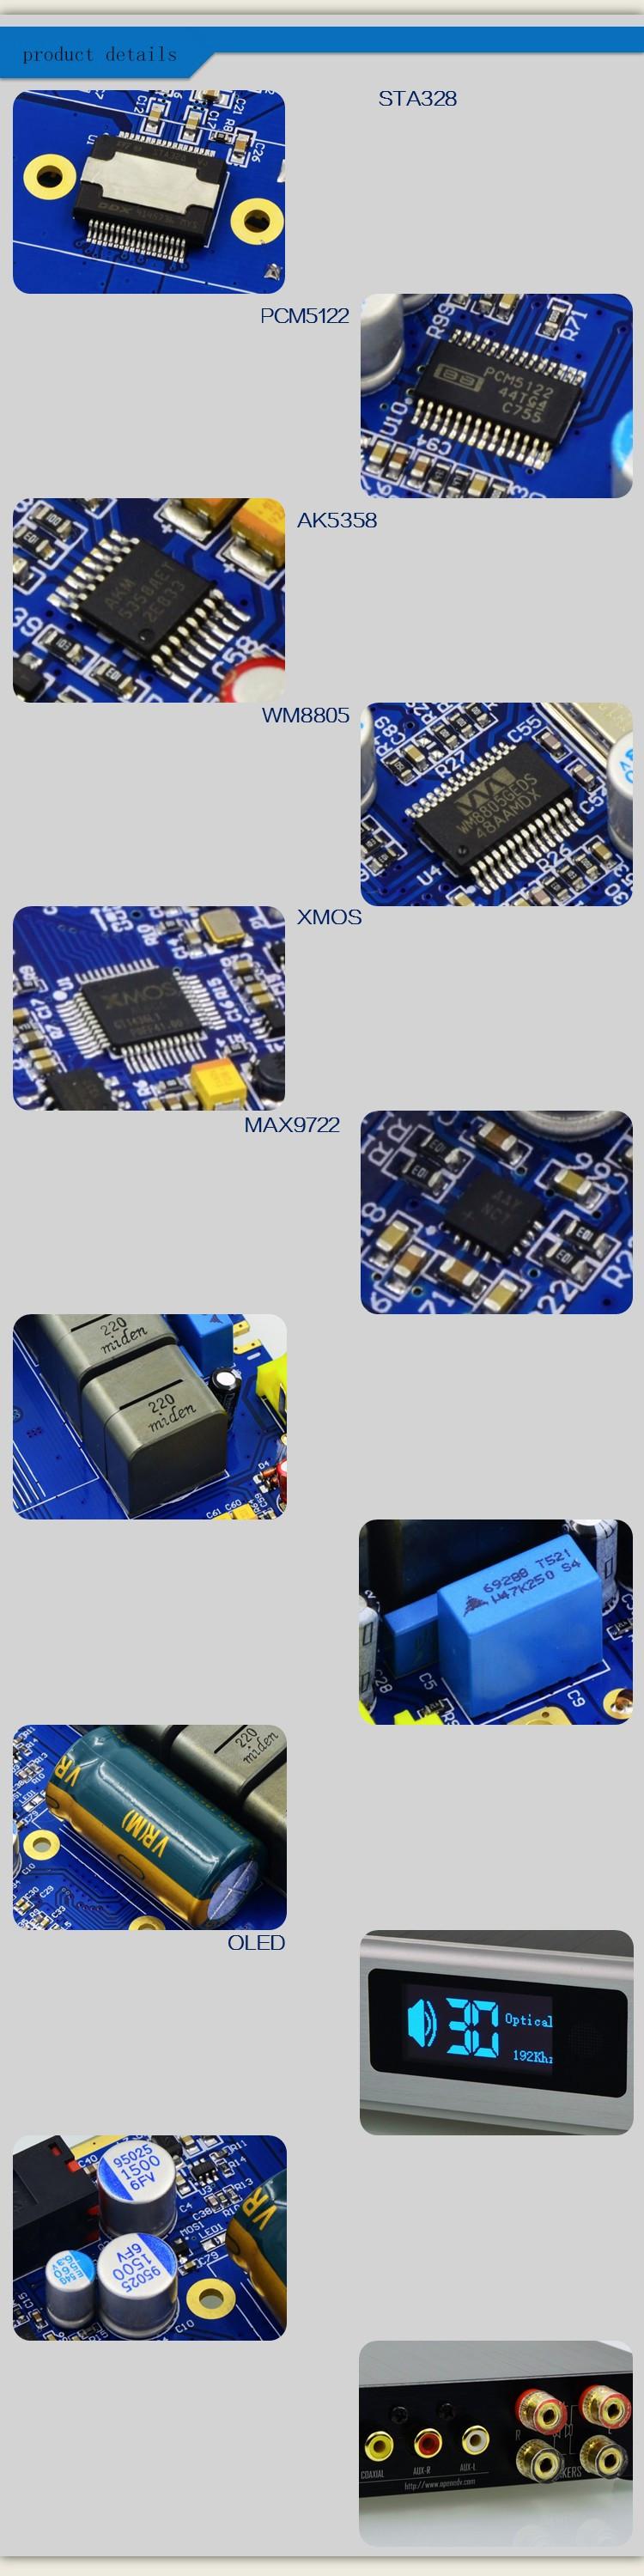 ถูก Alientek D8เต็มบริสุทธิ์ดิจิตอลเสียงเครื่องขยายเสียงหูฟังอินพุตUSB/XMOS/C Oaxial/เลนส์/AUX 80วัตต์* 2 24Bit/192กิโลเฮิร์ตซ์DC28V/4.3A OLED